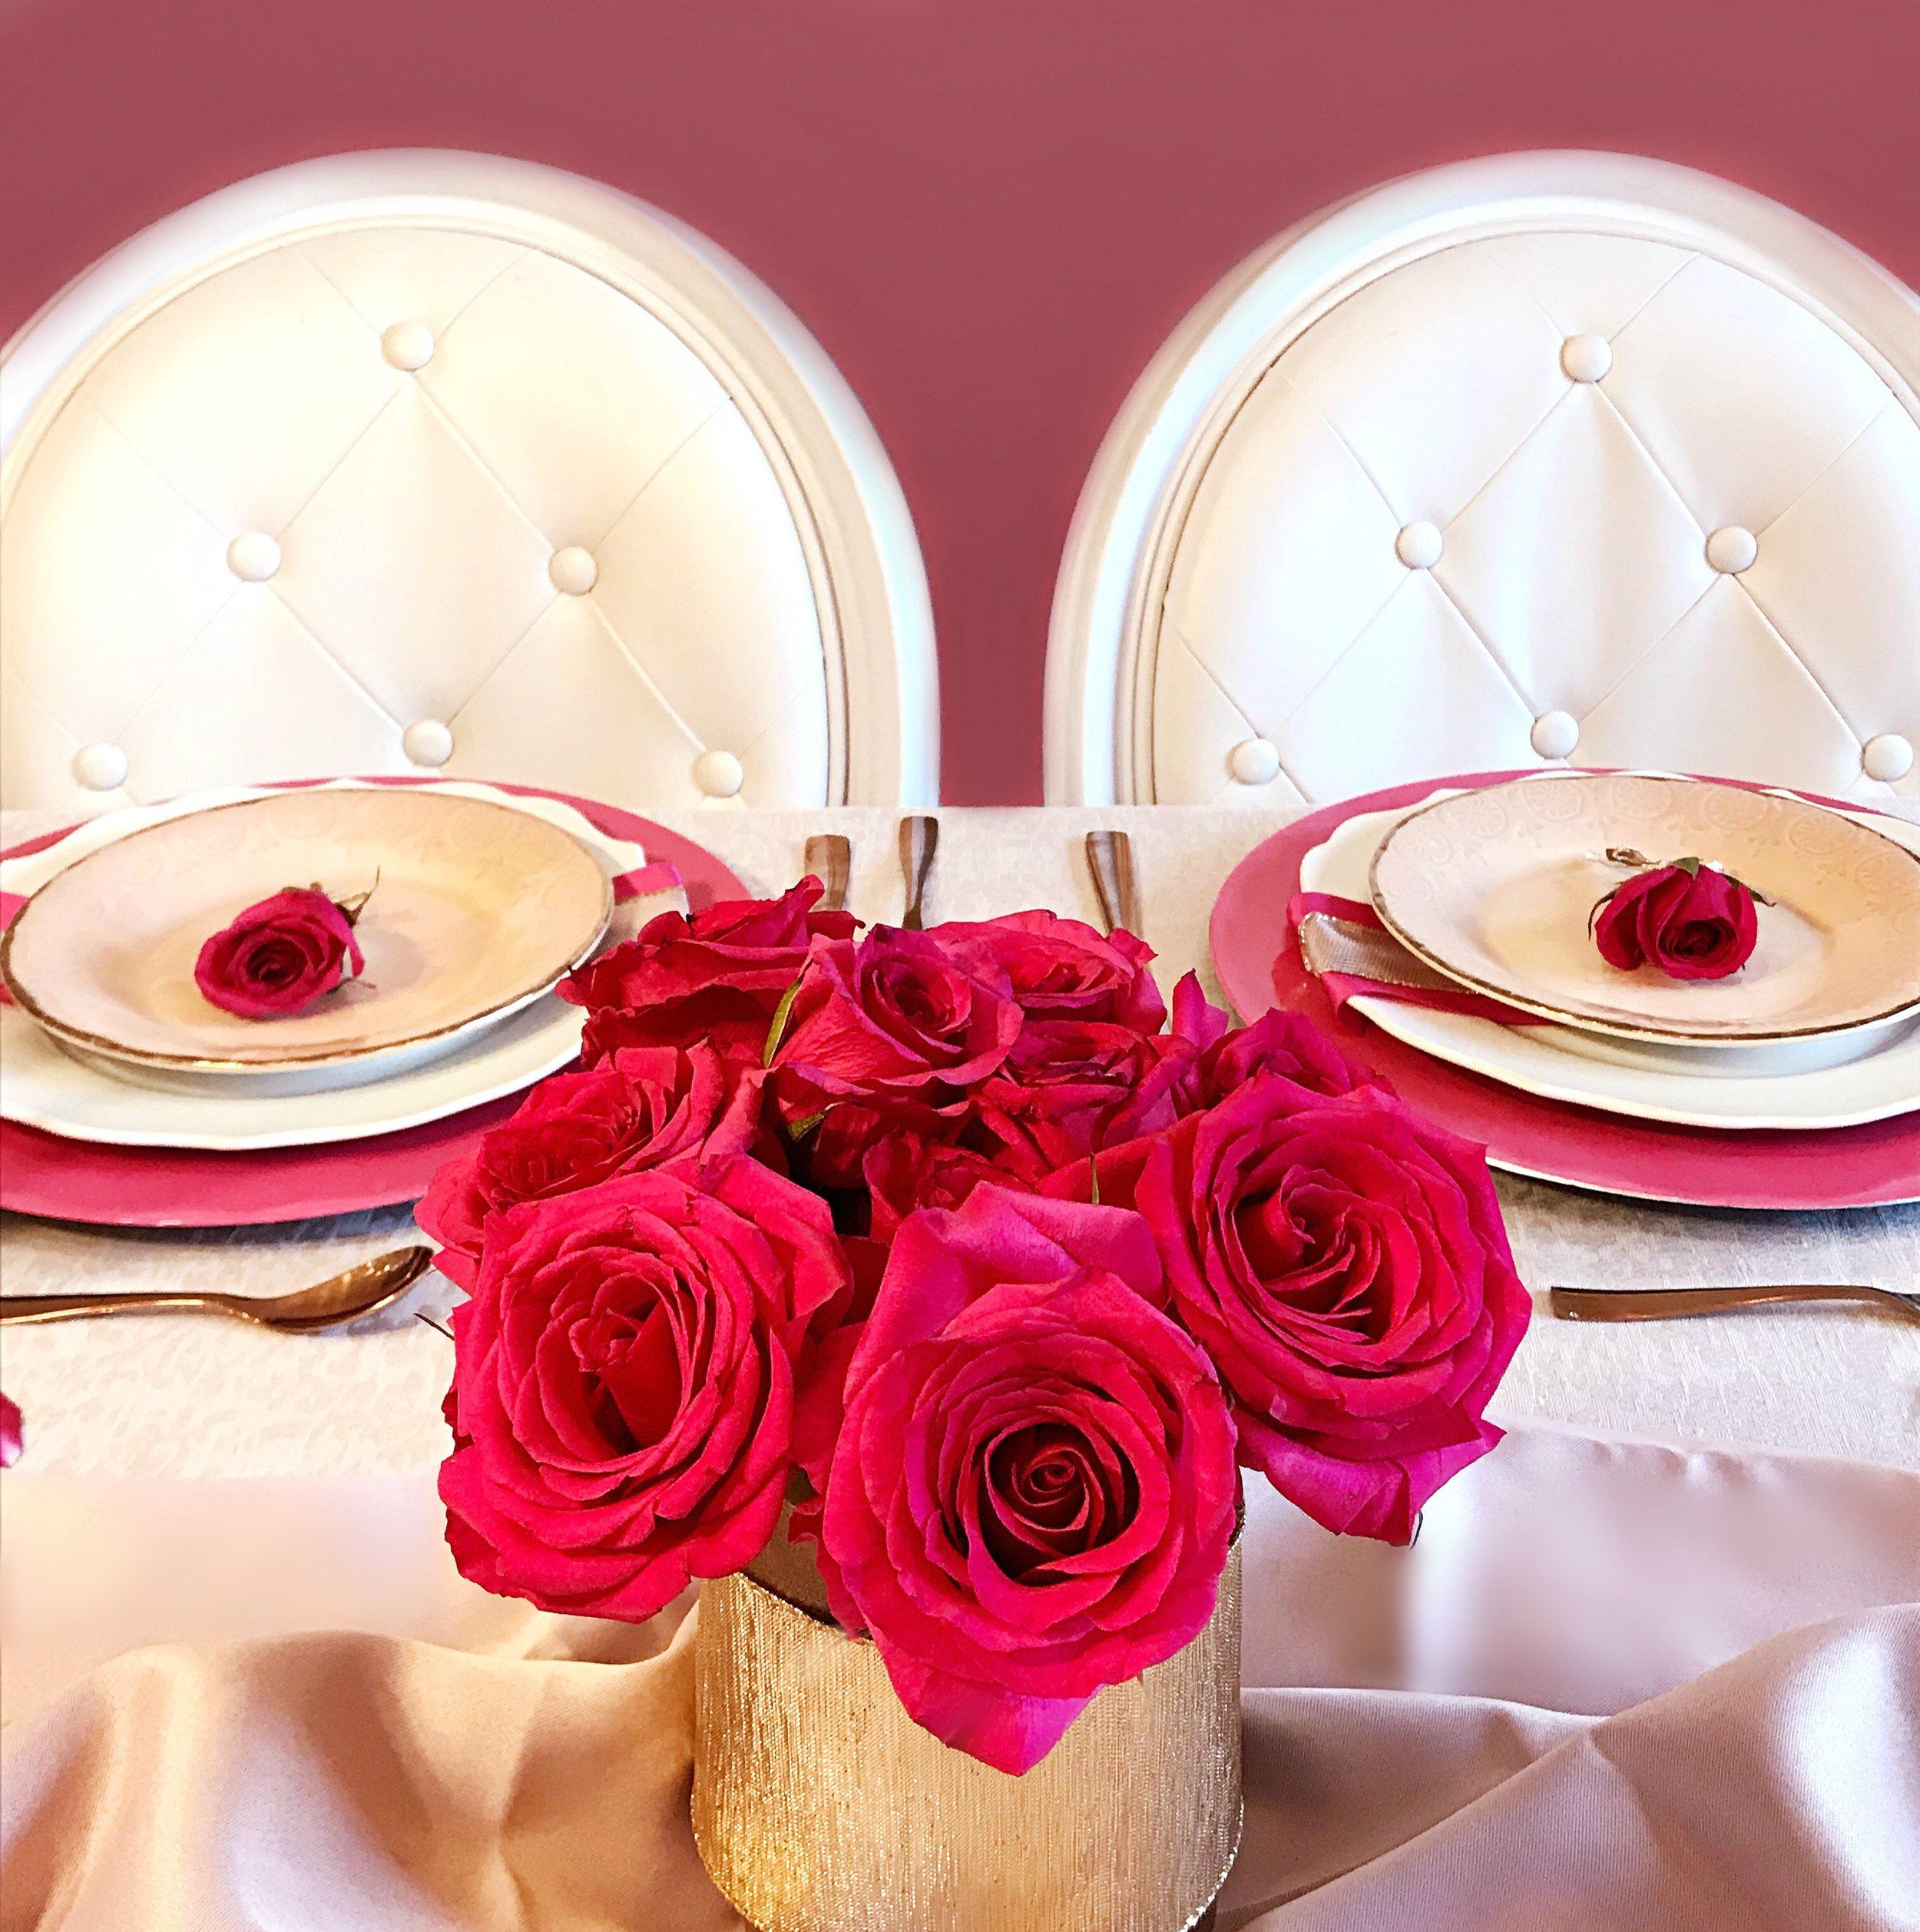 V-day sweetheart setup.jpg